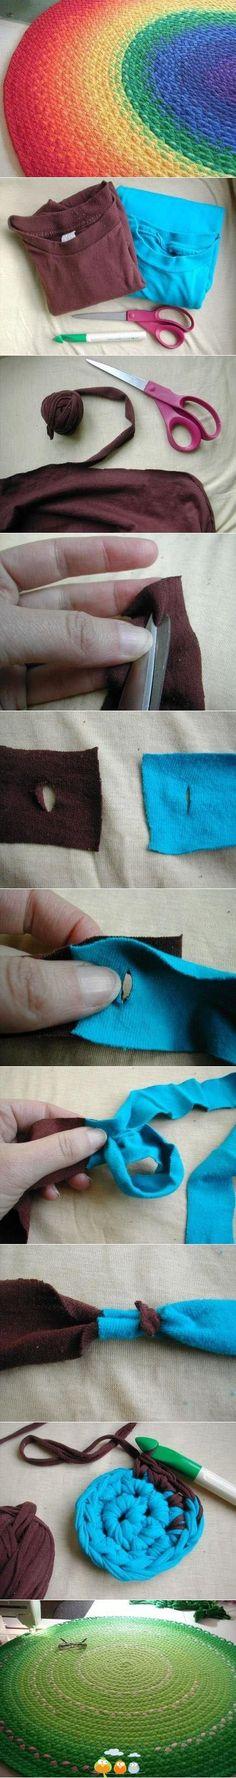 DIY t-shirt rug